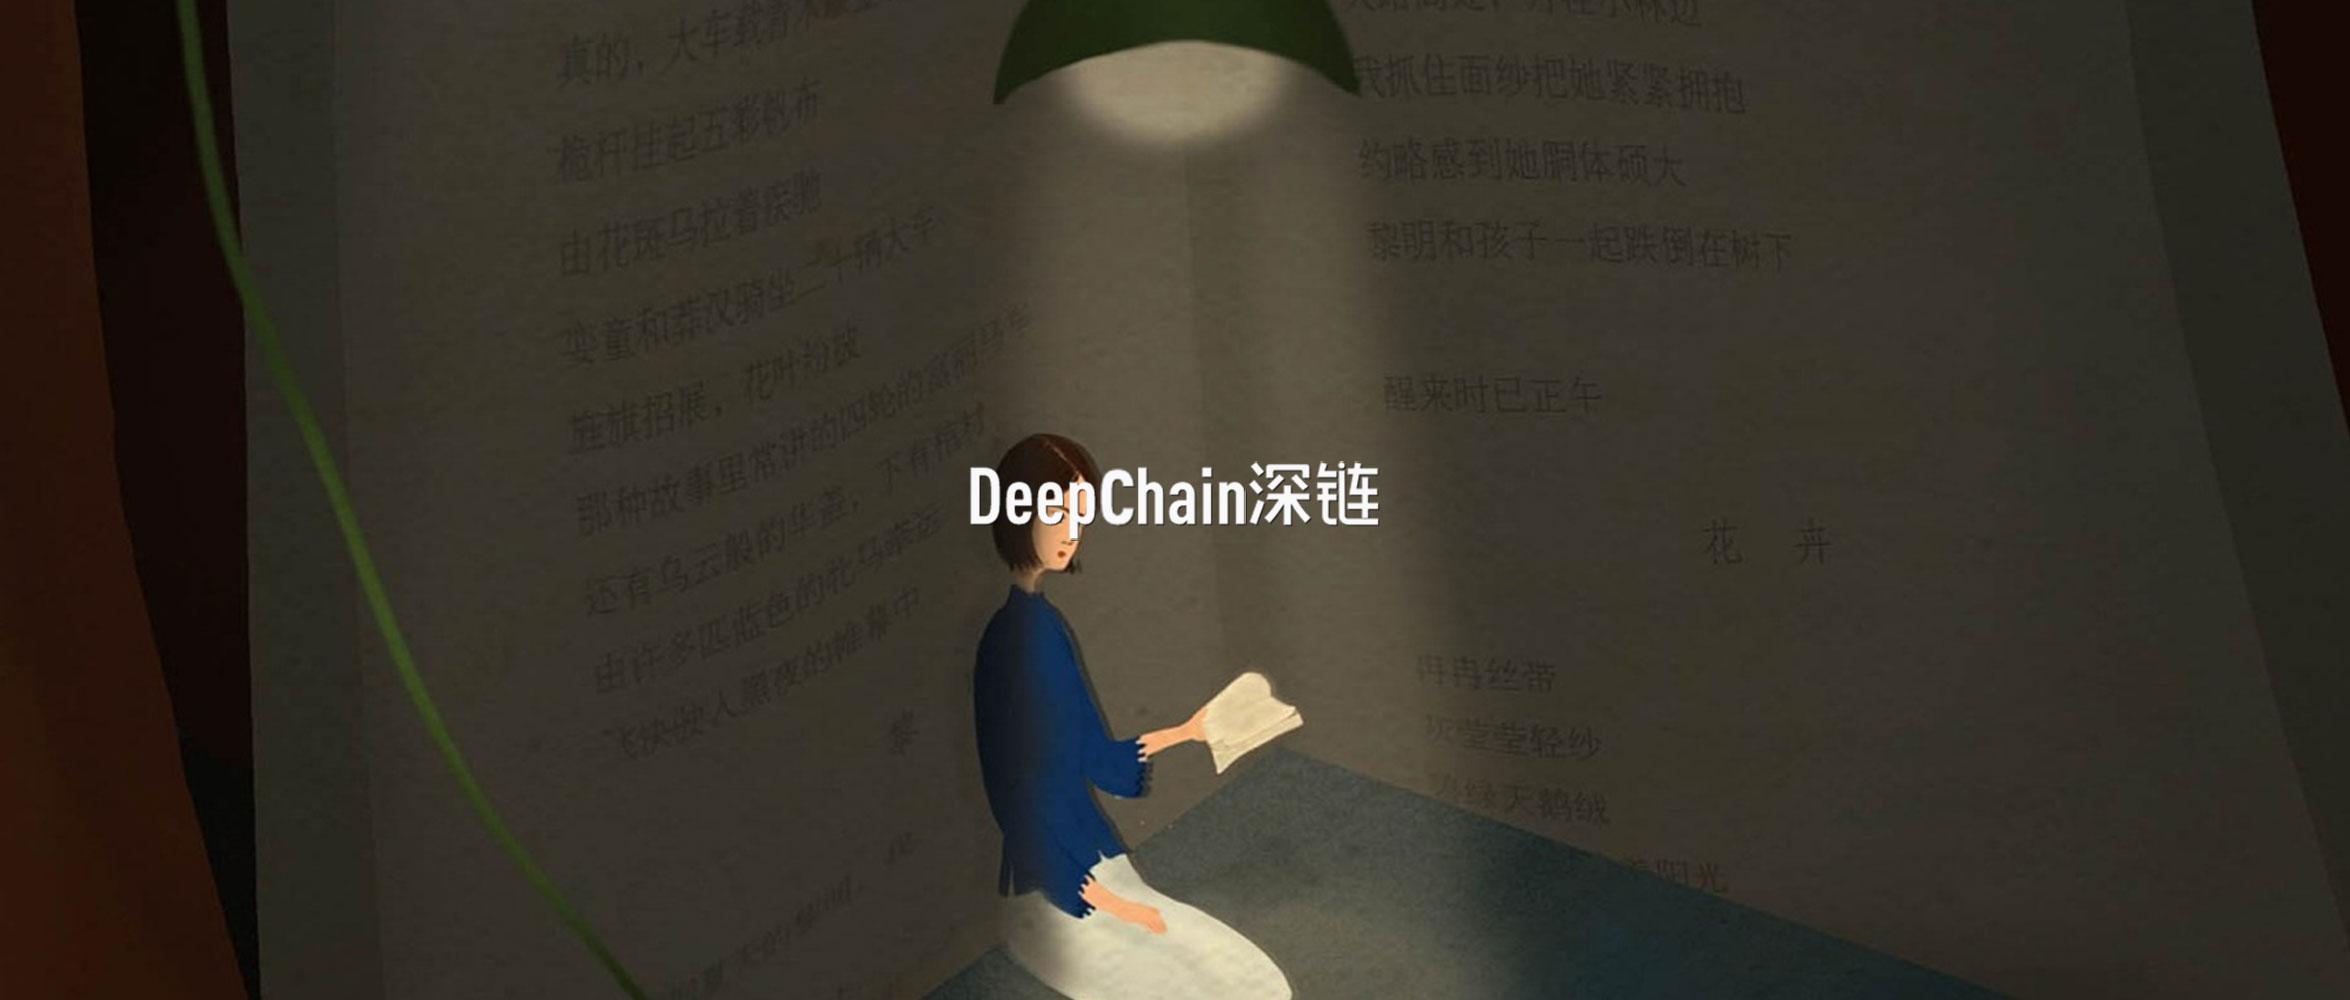 扶持与监管政策纷纷推出,中国区块链的关键词到底是什么?